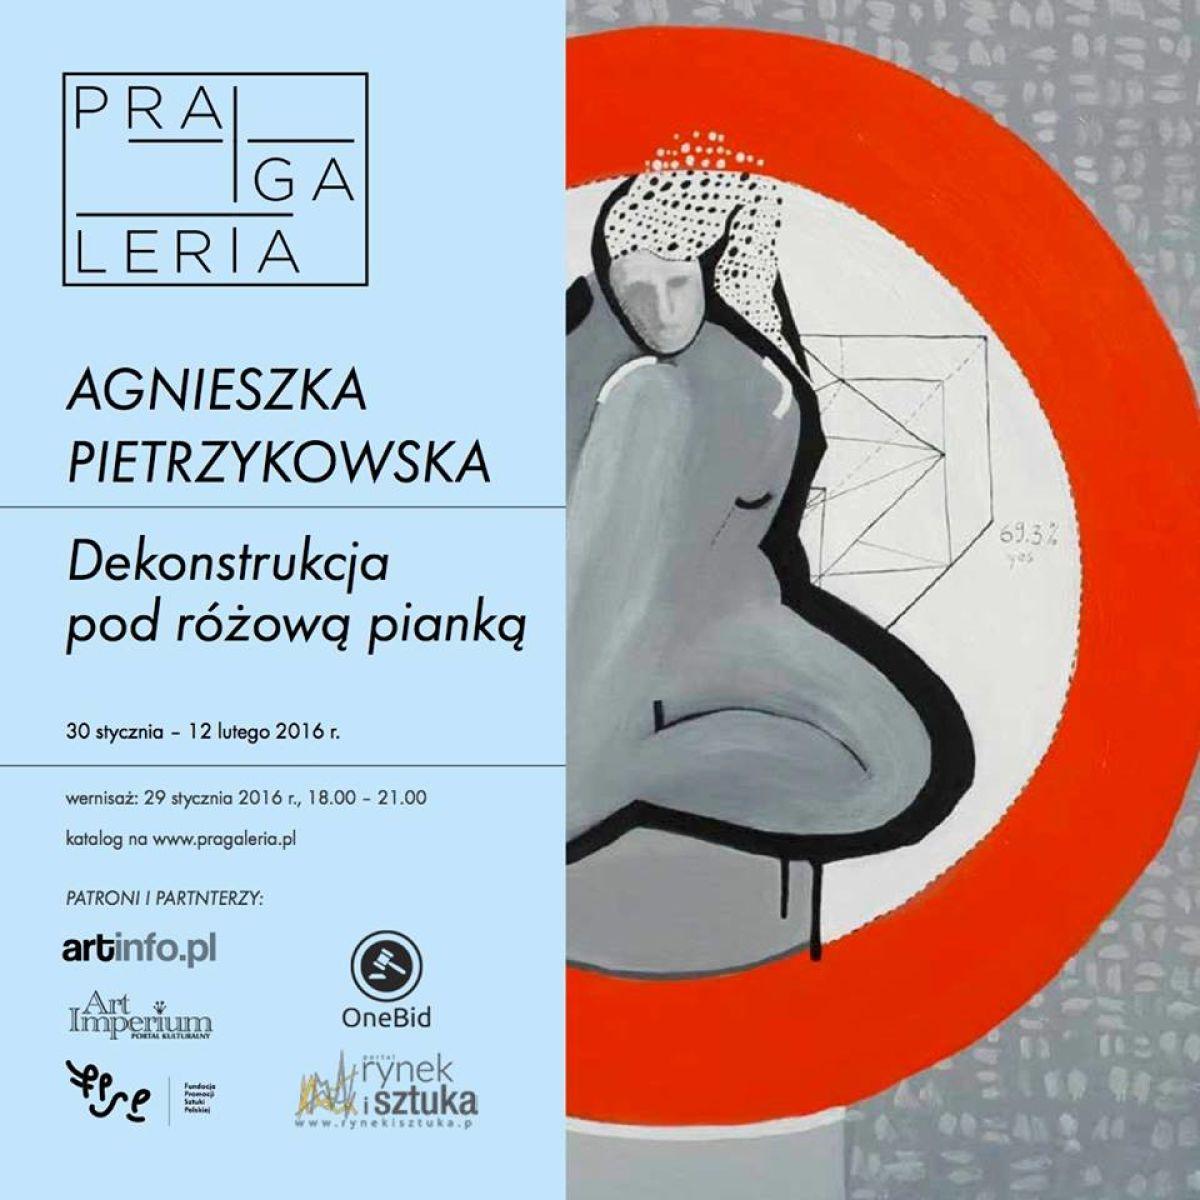 Polecamy wystawę: Agnieszka Pietrzykowska. Dekonstrukcja pod różową pianką